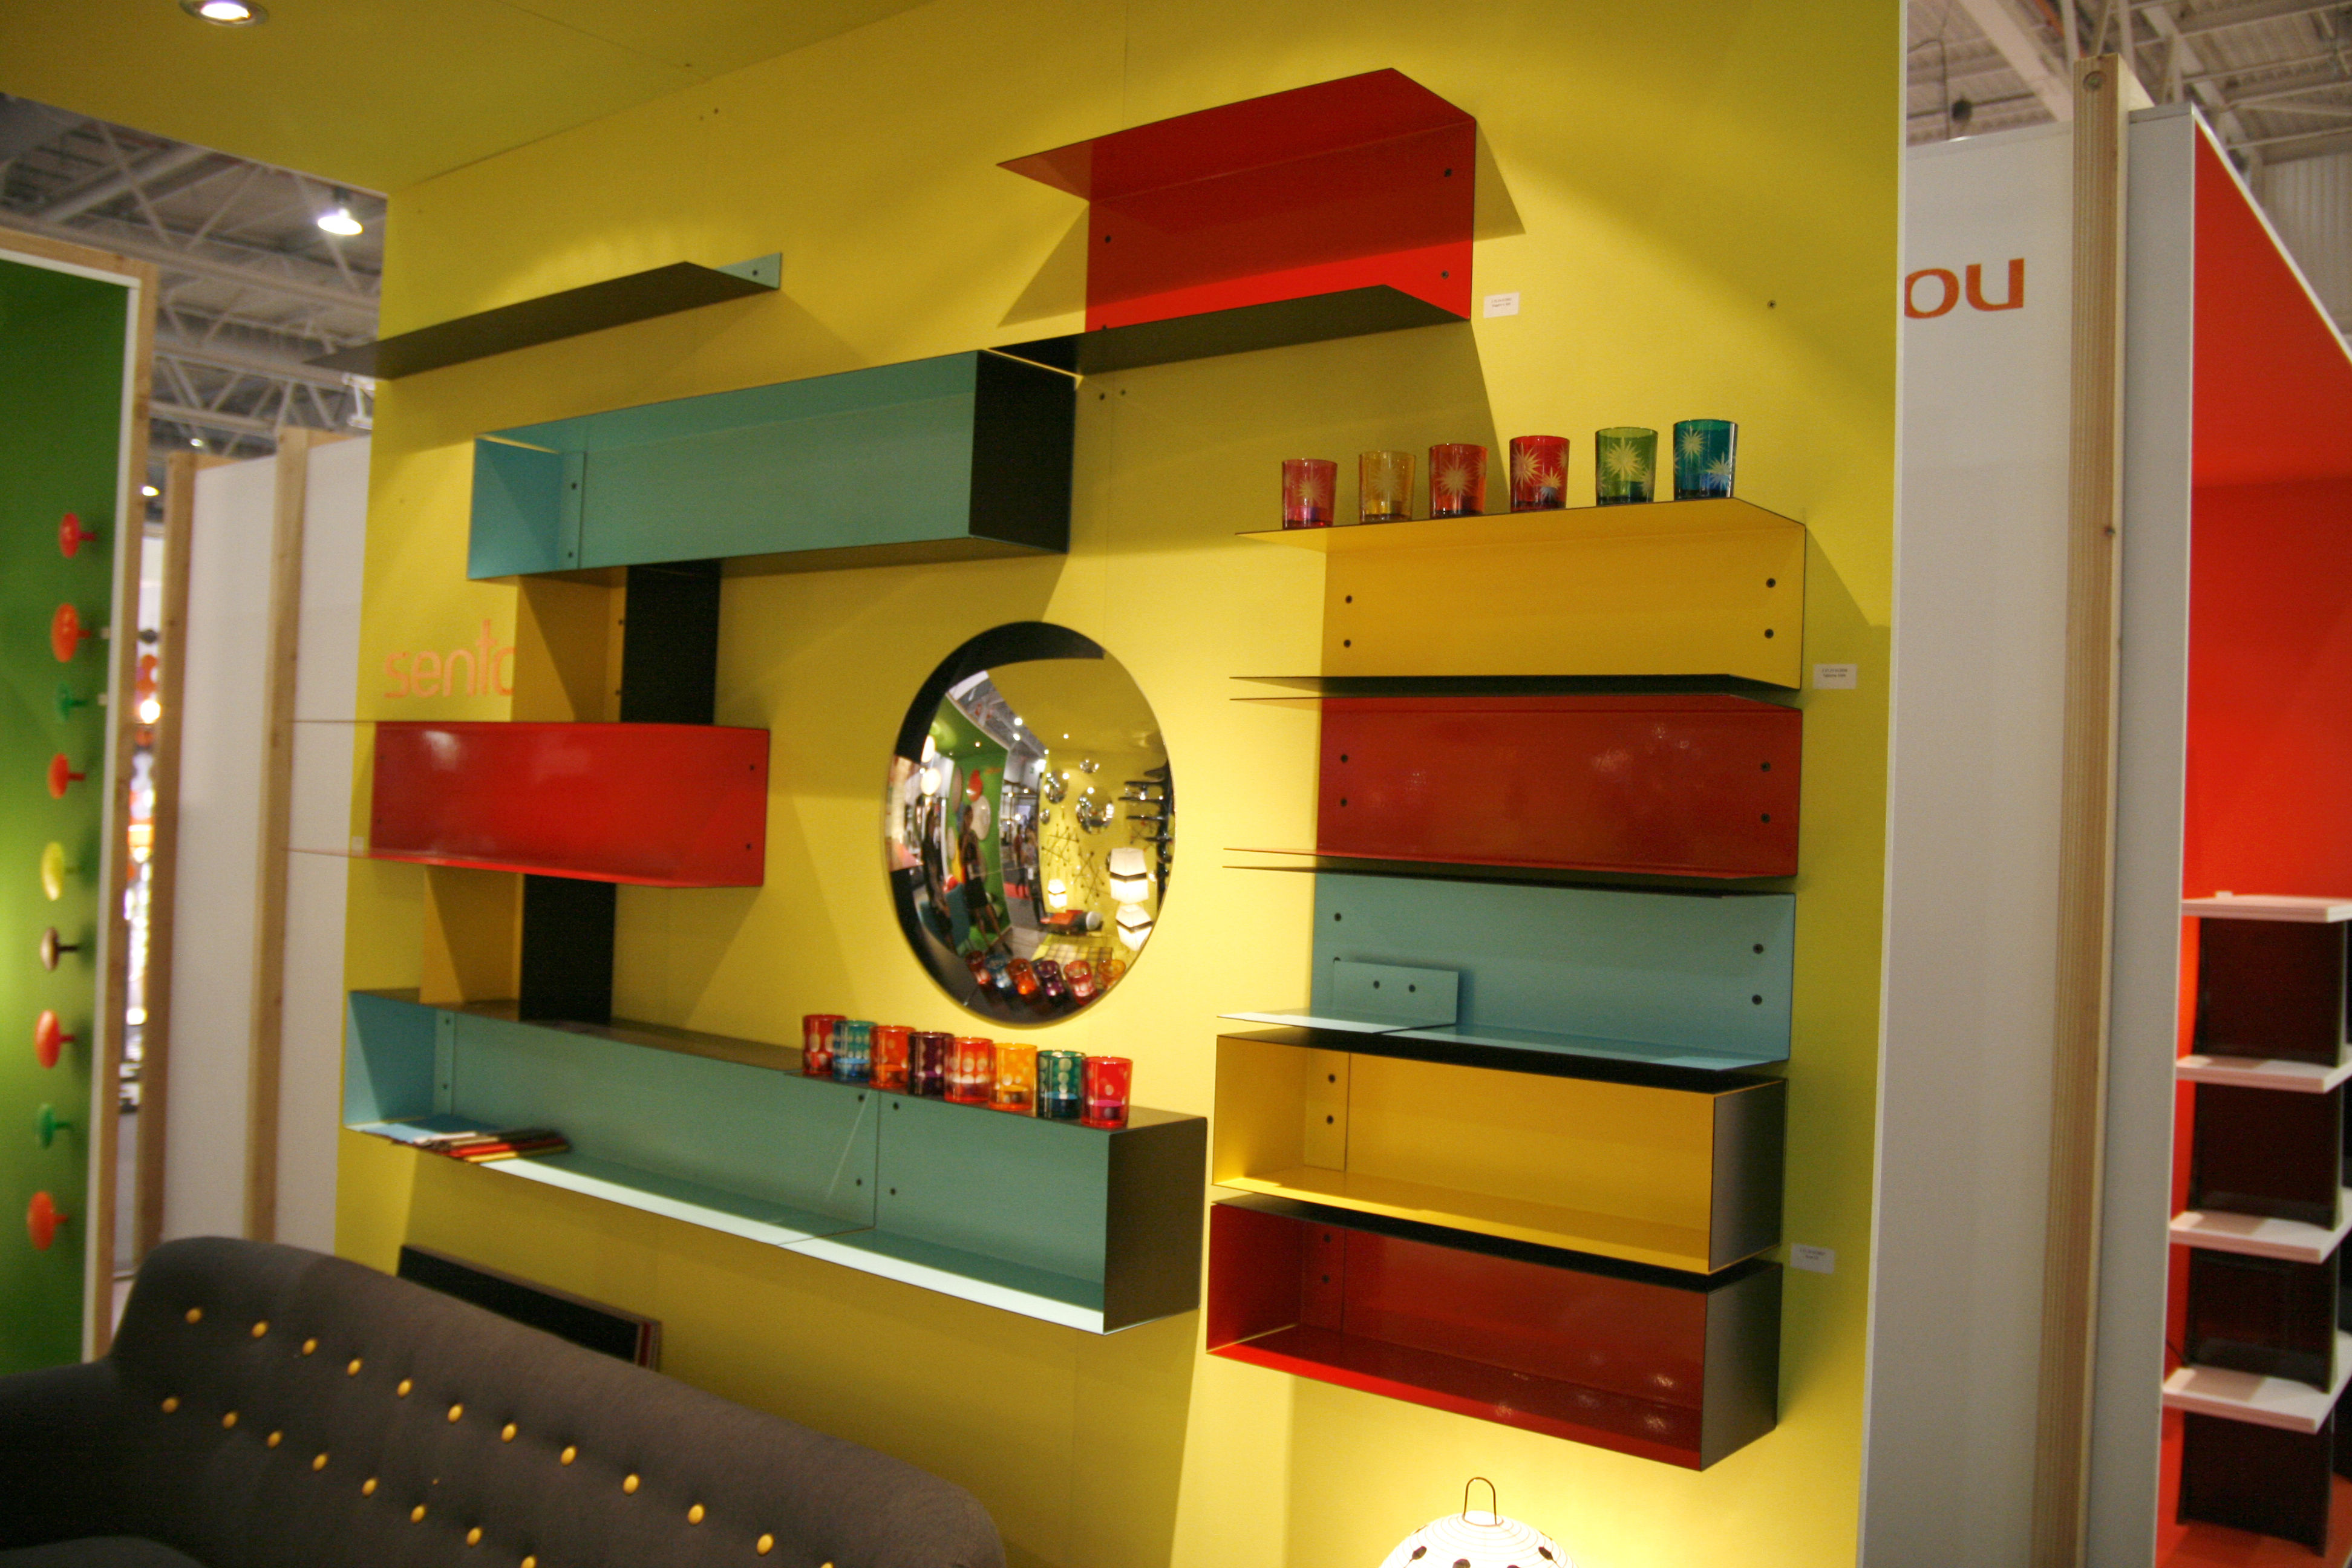 etag re utu l 50 cm turquoise ext rieur noir sentou edition. Black Bedroom Furniture Sets. Home Design Ideas